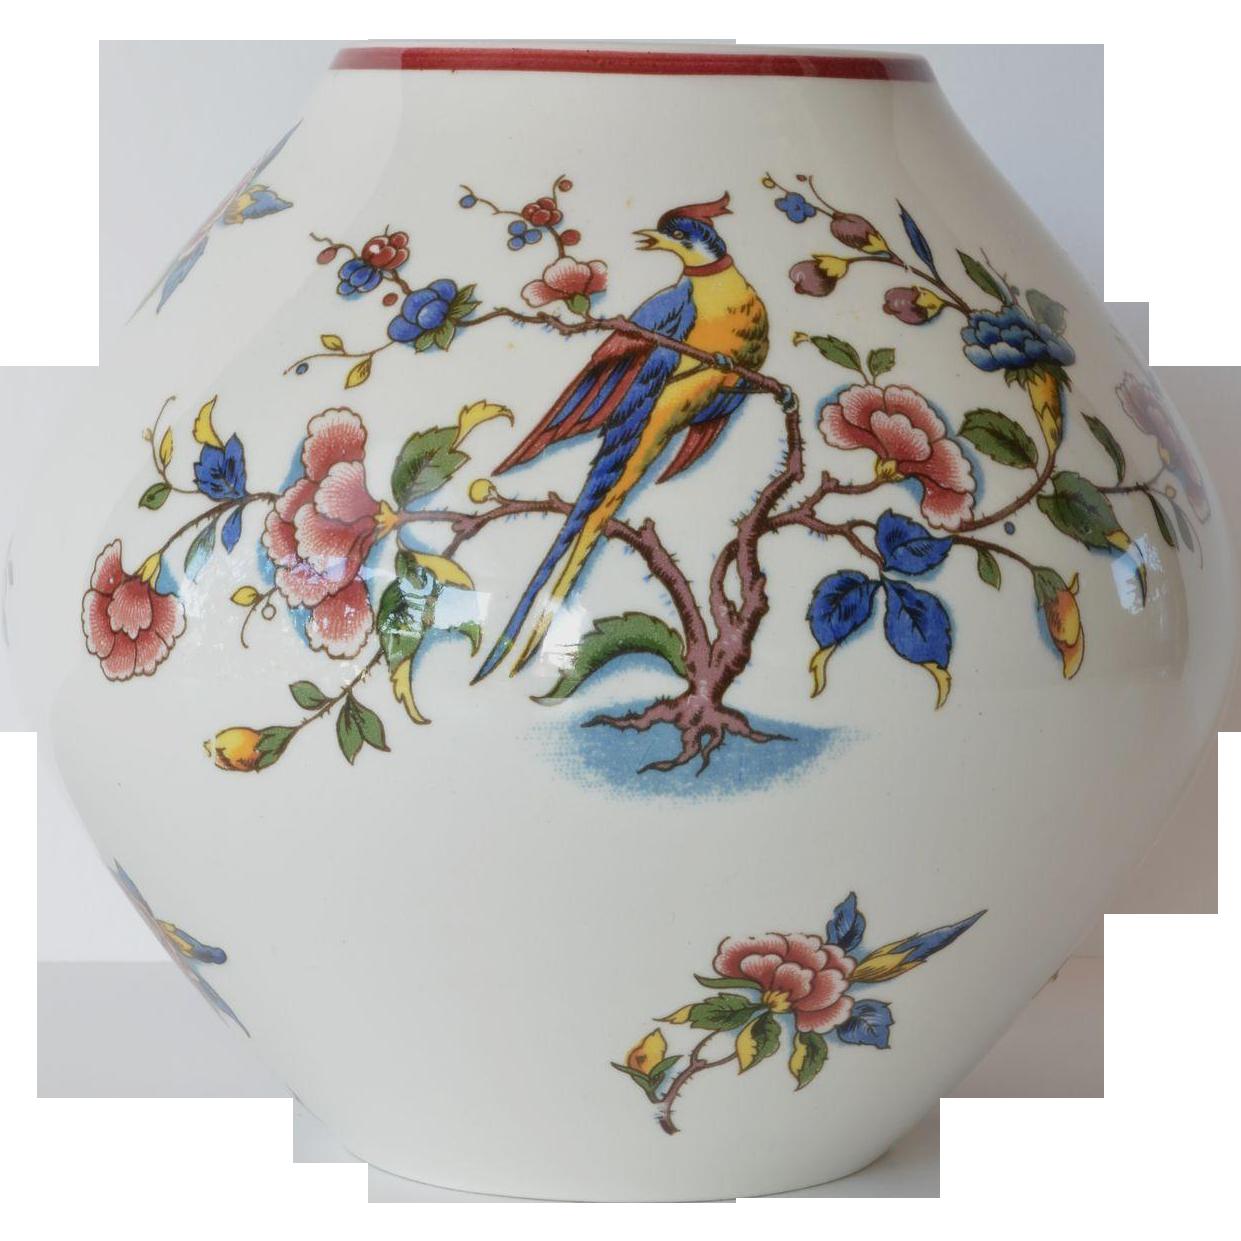 Ceramic vase villeroy boch mettlach saarland 1920 c - Villeroy y boch ...